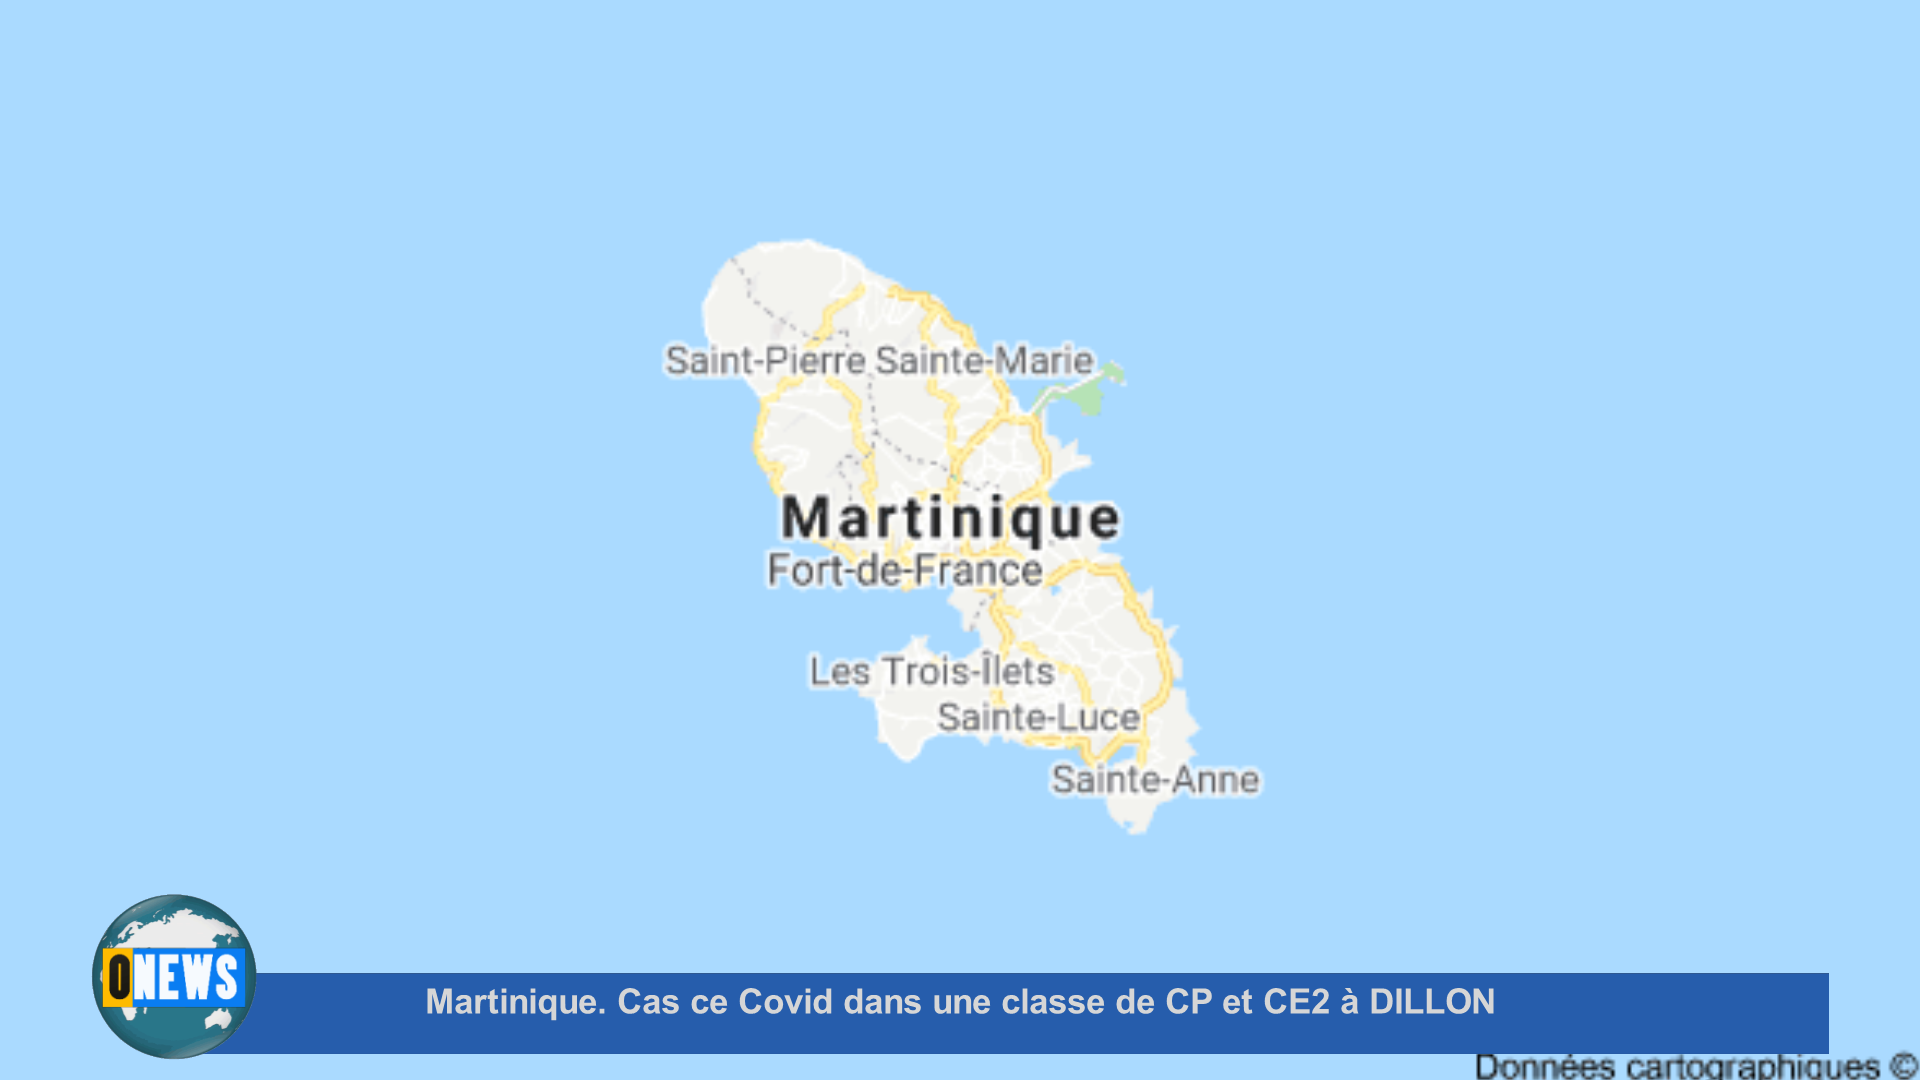 [Vidéo] Onews Martinique. Cas de Covid dans une classe de CP et CE2 à DILLON